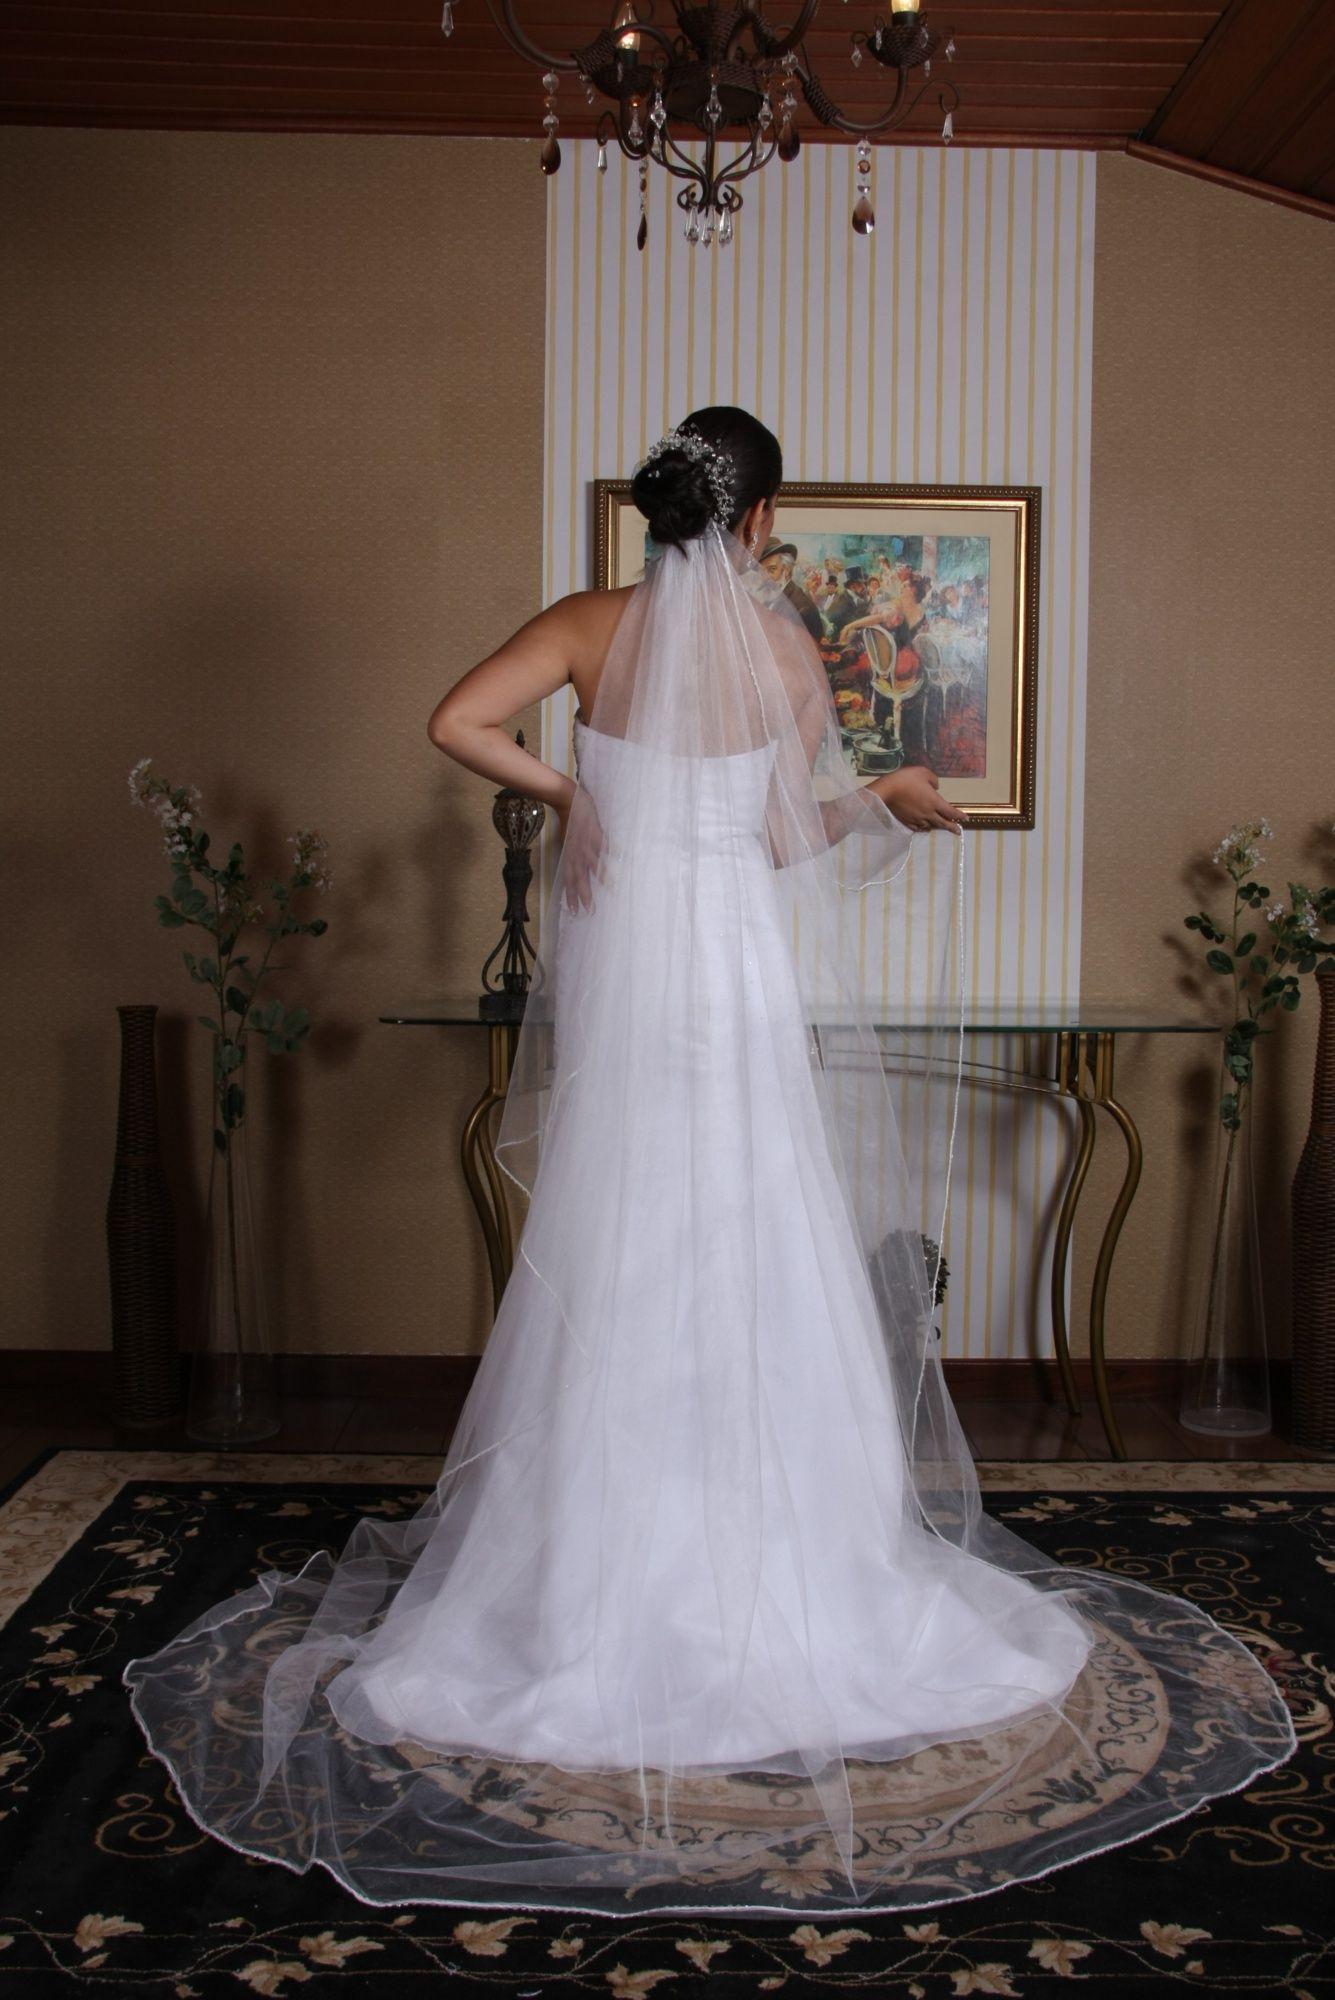 Vestido de Noiva Semi Sereia - 16 - Hipnose Alta Costura e Spa para Noivas e Noivos - Campinas - SP Vestido de Noiva, Vestido de Noiva Semi Sereia, Hipnose Alta Costura